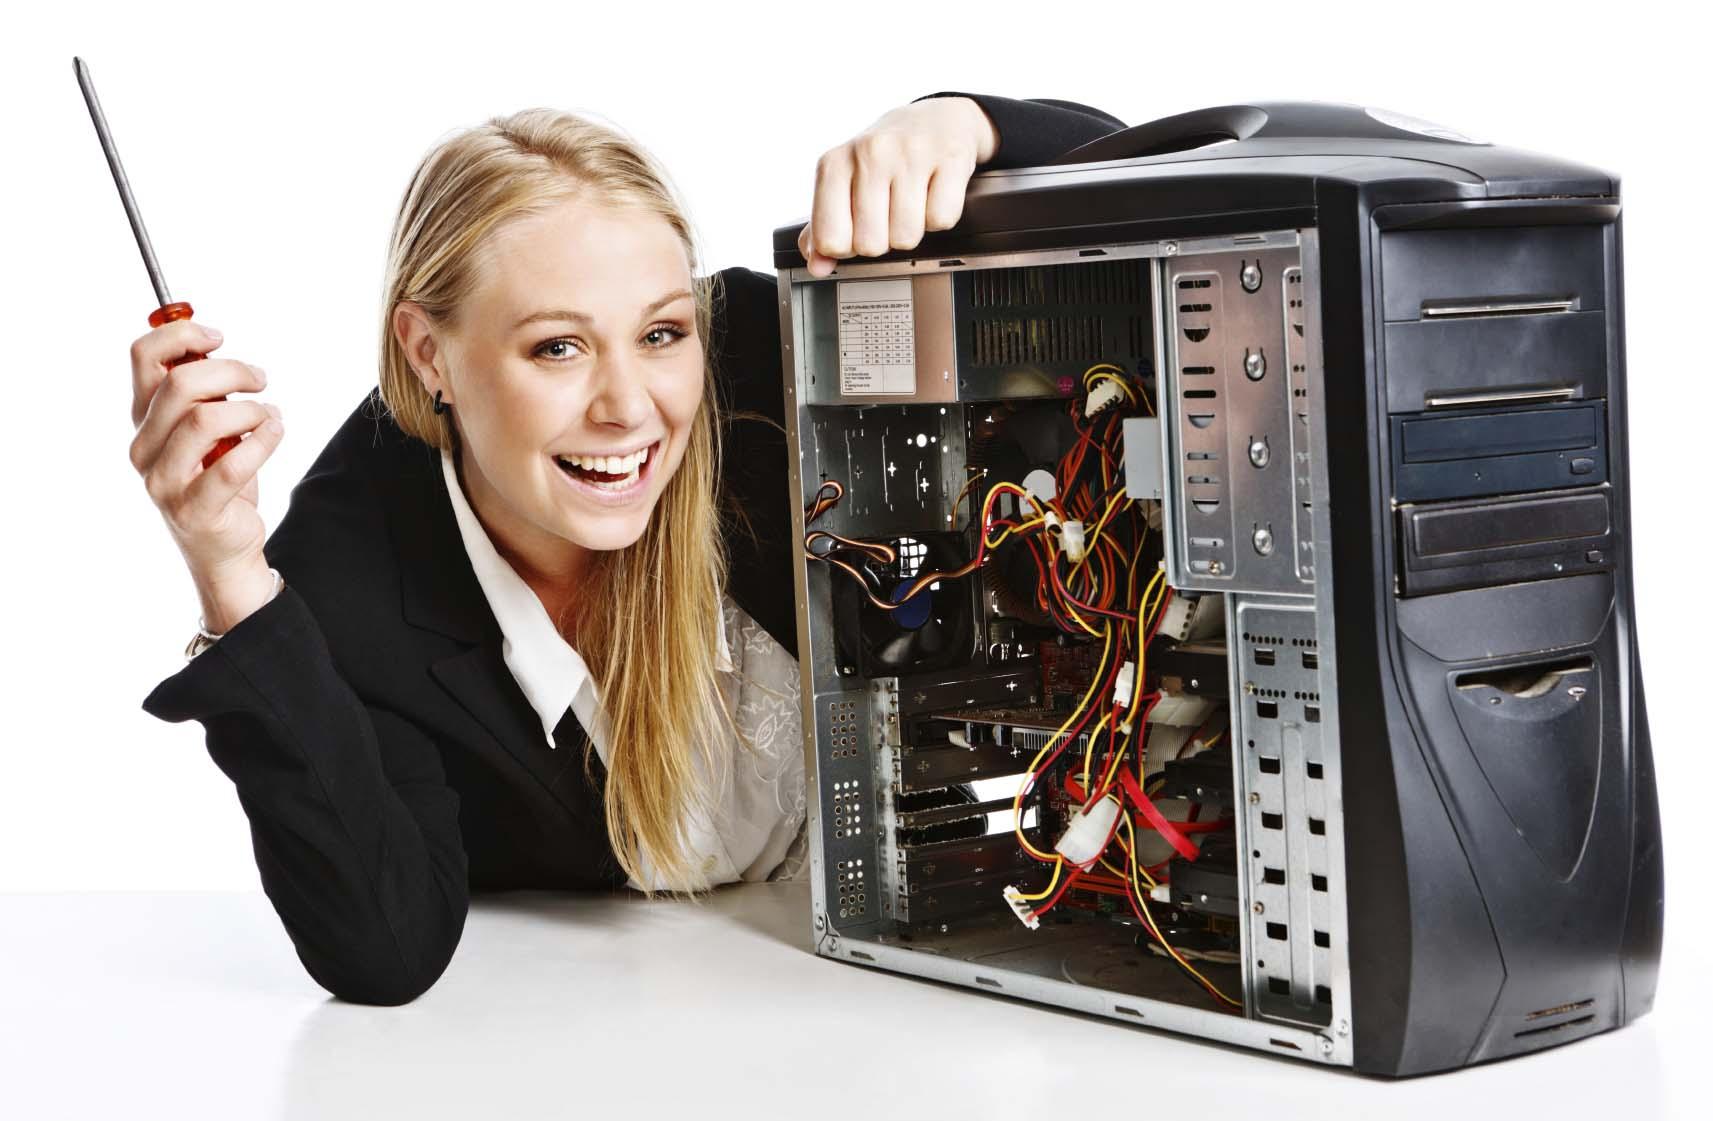 как сделать рекламу с фото на компьютере наш иван-чай